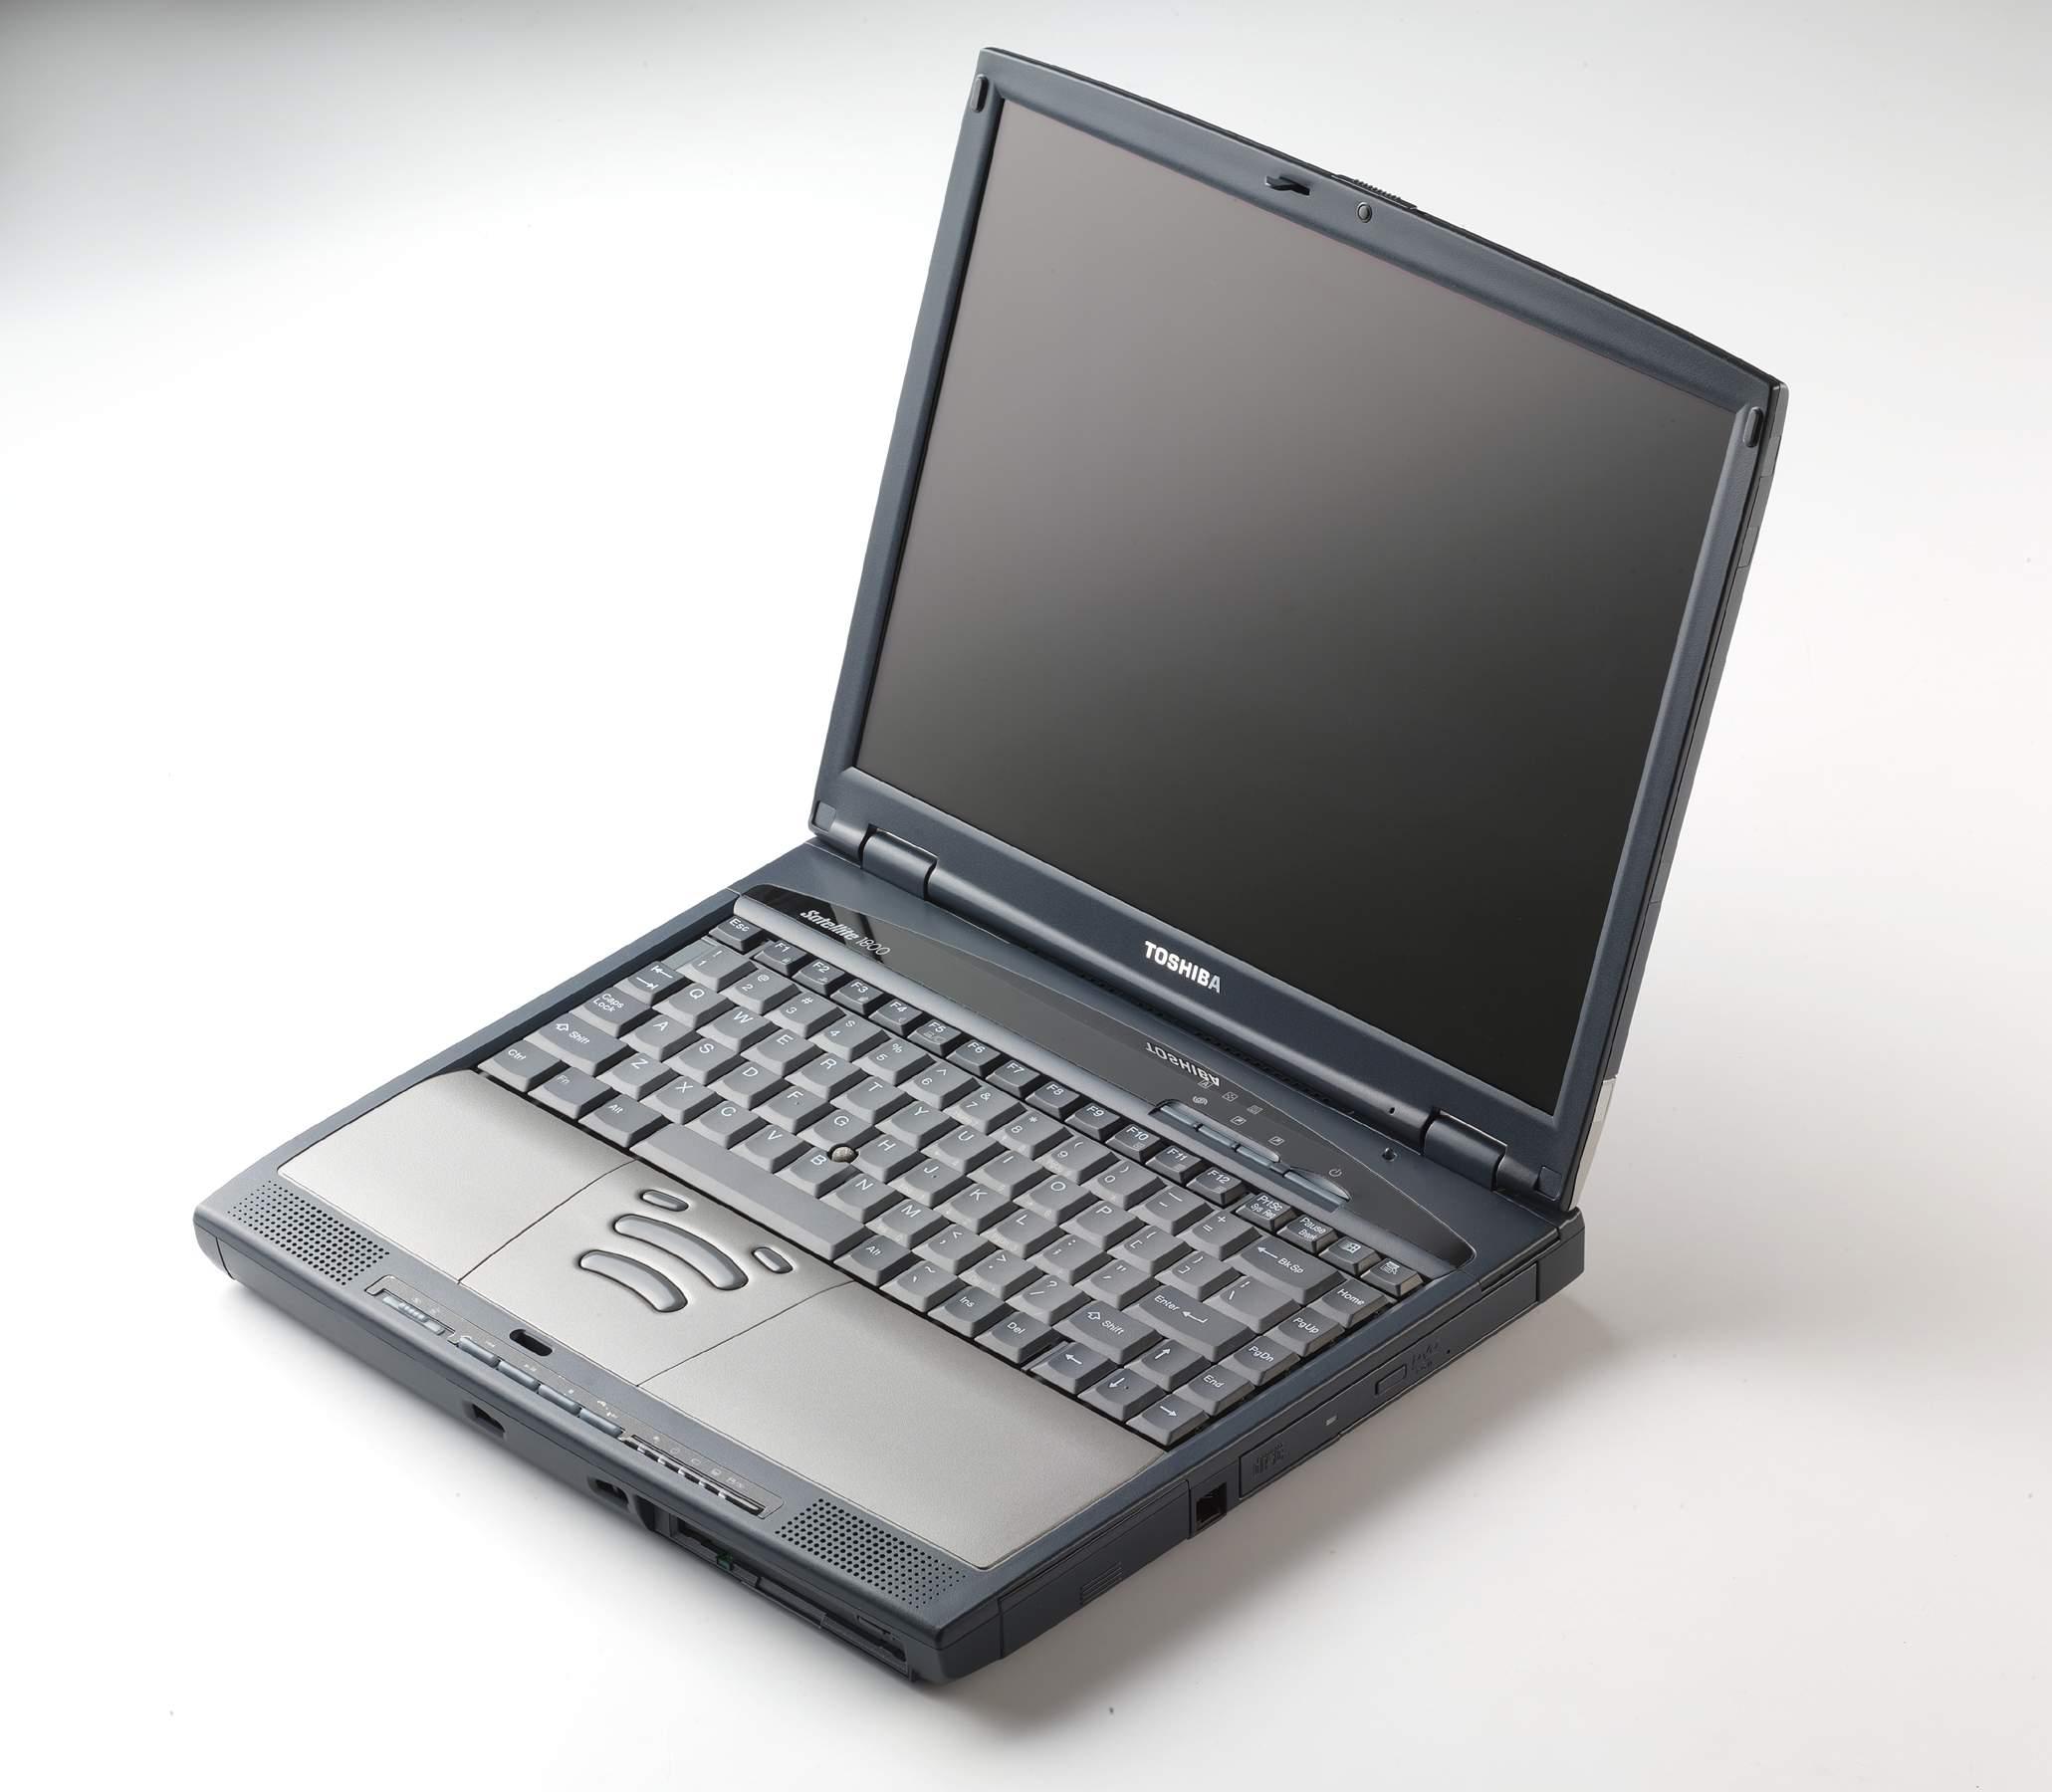 东芝笔记本报价_东芝 笔记本电脑【相关词_ 东芝笔记本电脑官网】_捏游